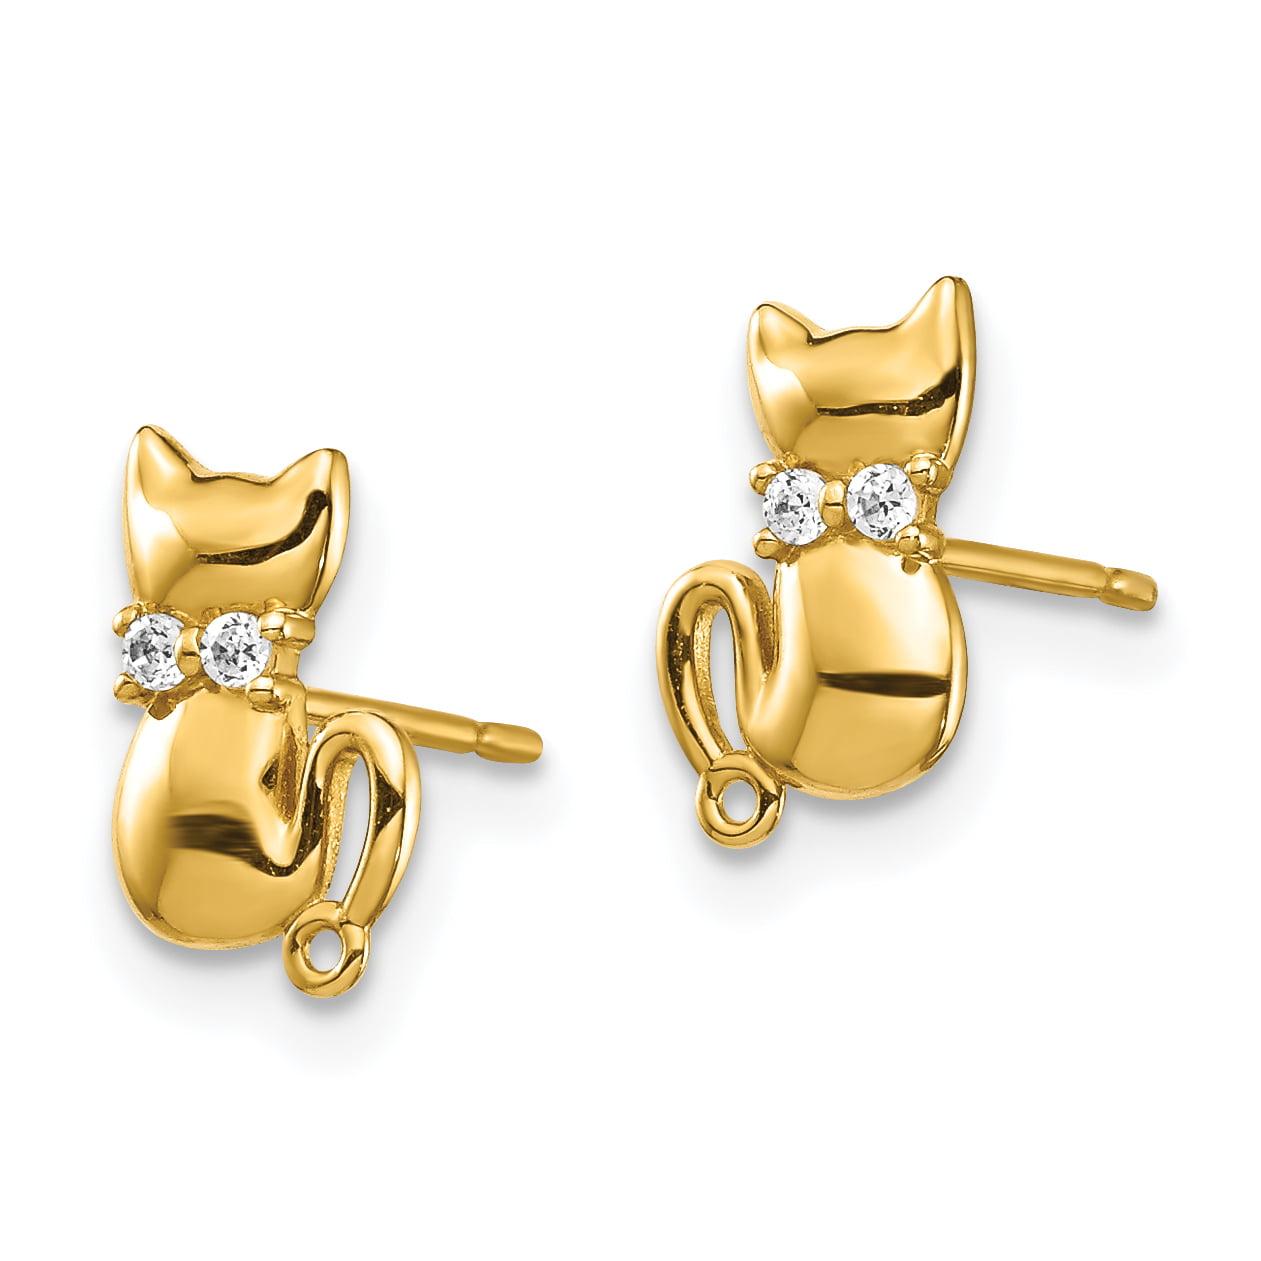 14k Yellow Gold Sitting Cat CZ Bowtie Stud Earrings